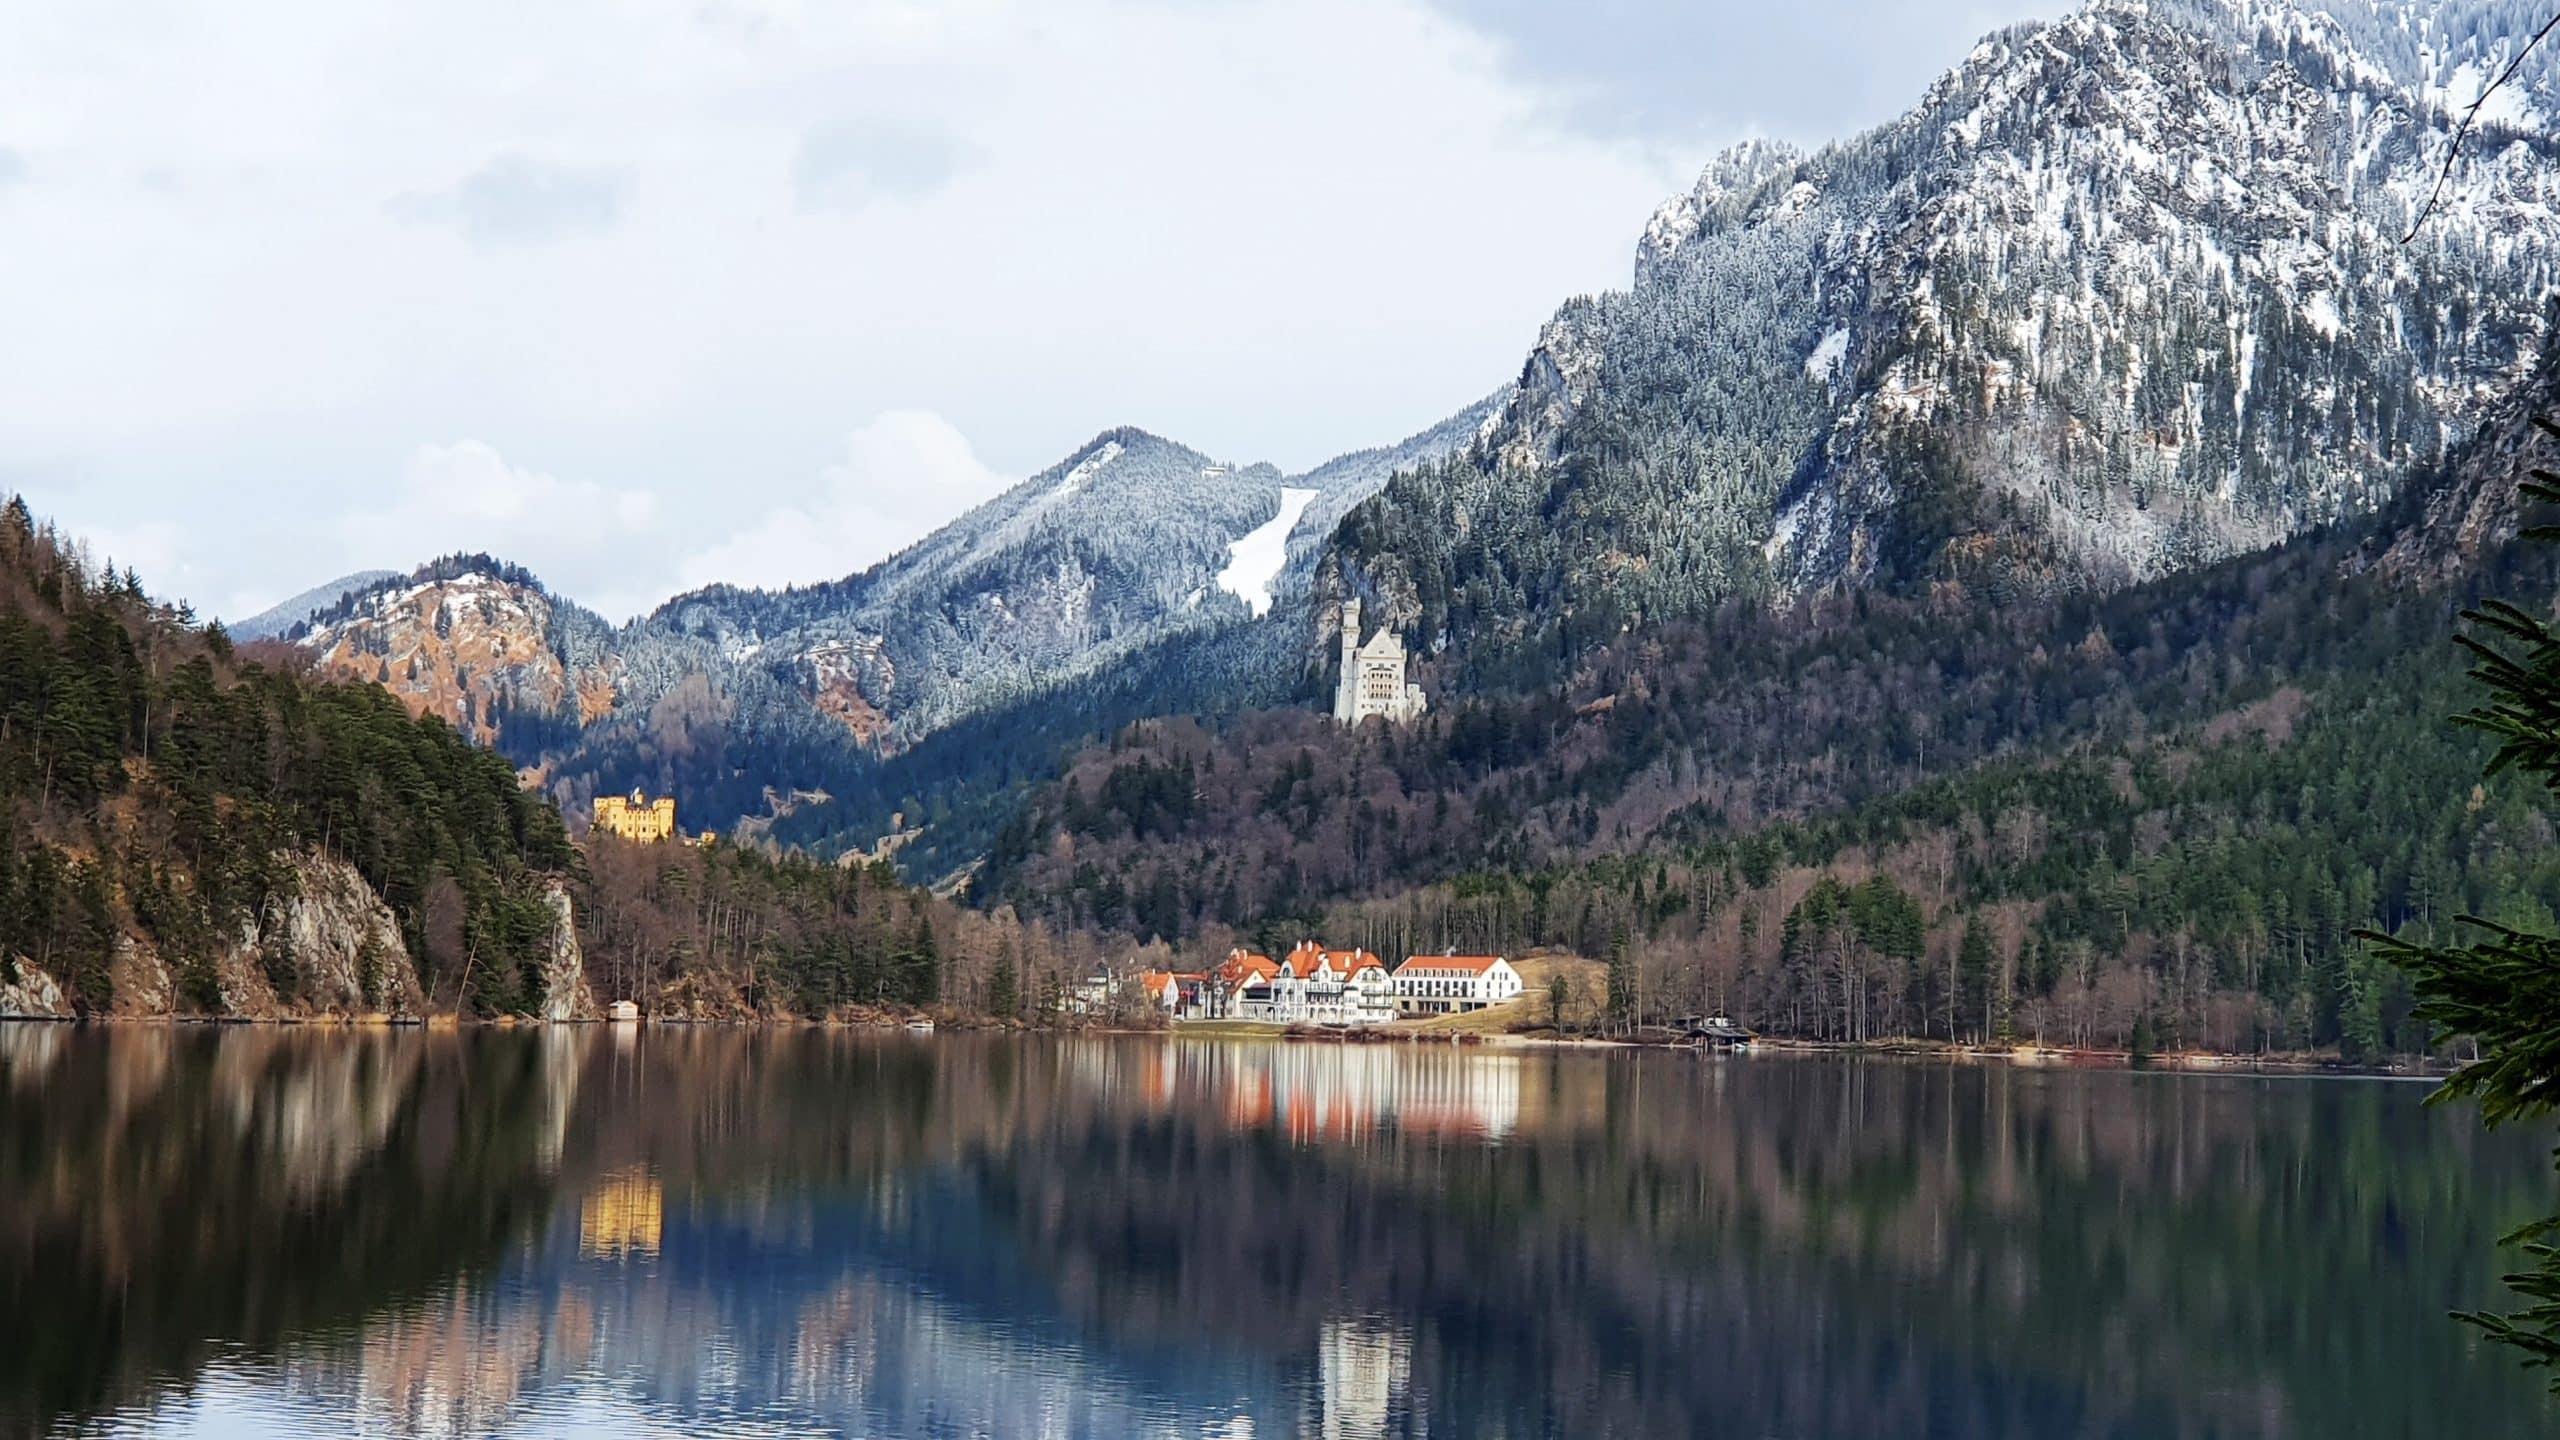 Urlaub In Bayern Corona